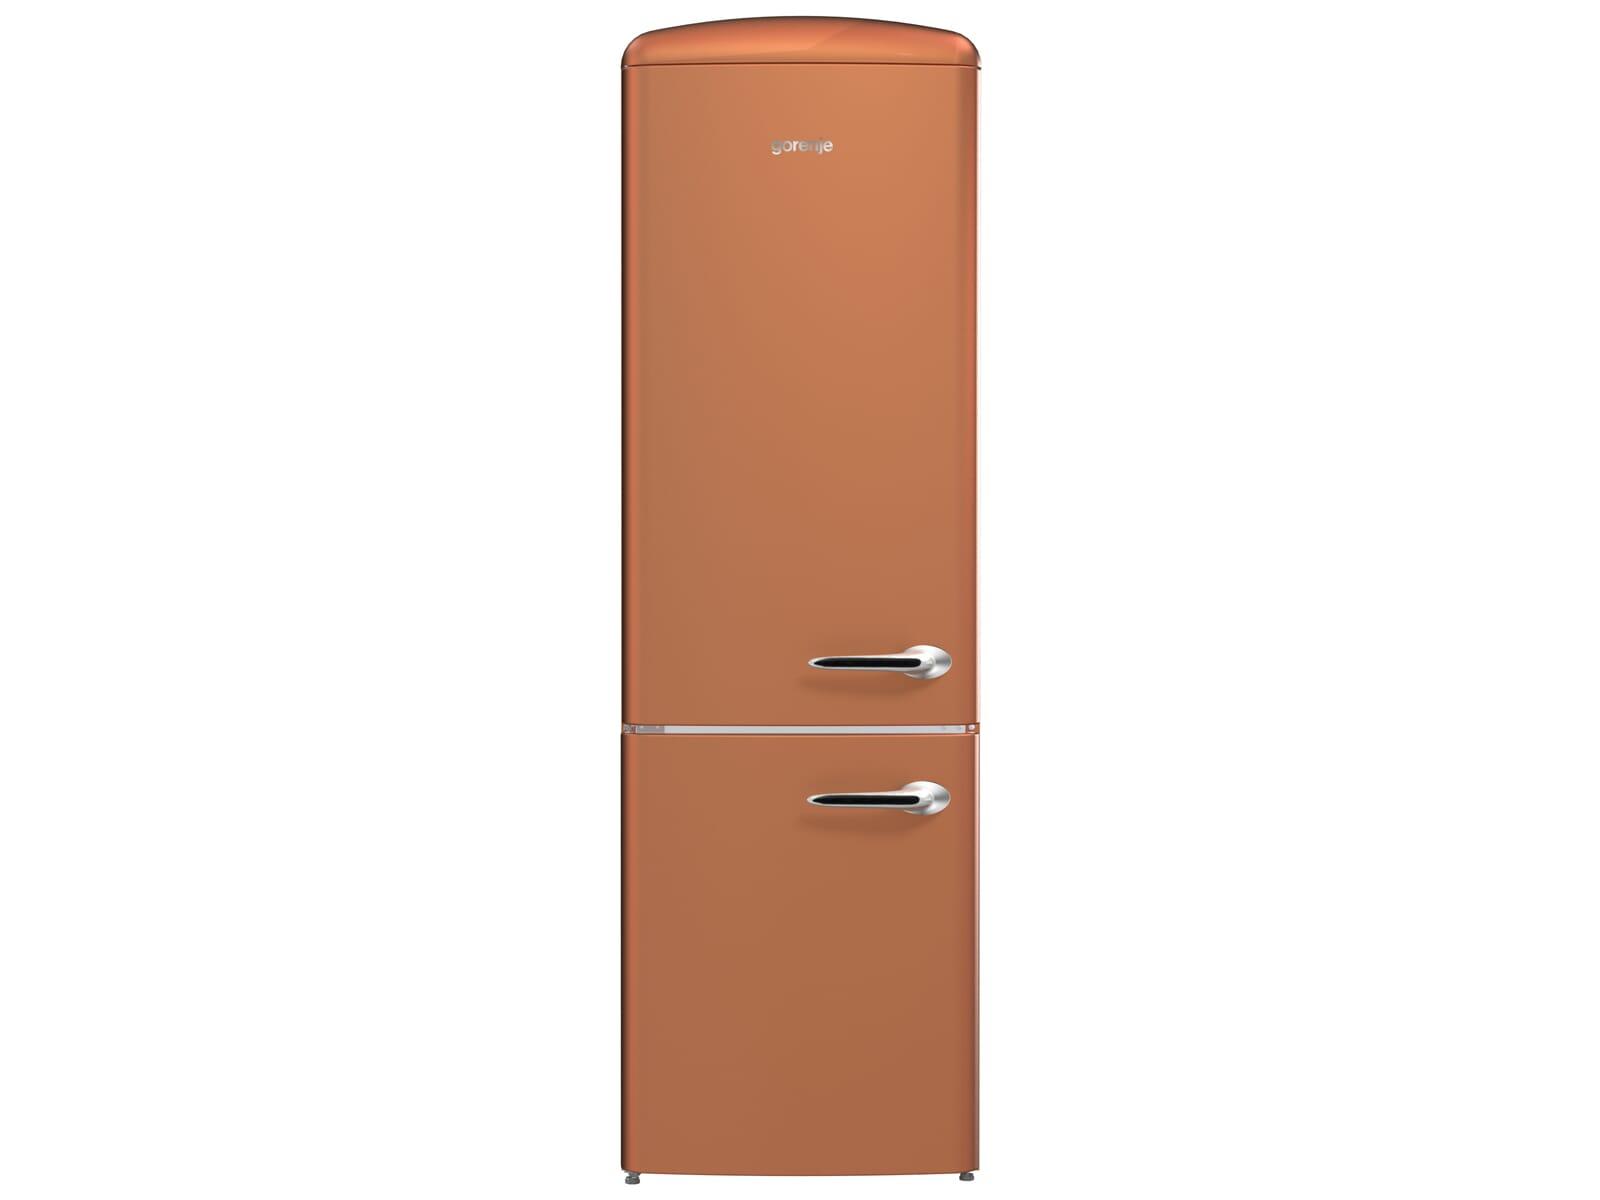 Gorenje Kühlschrank Onrk : Gorenje onrk cr l kühl gefrierkombination copper